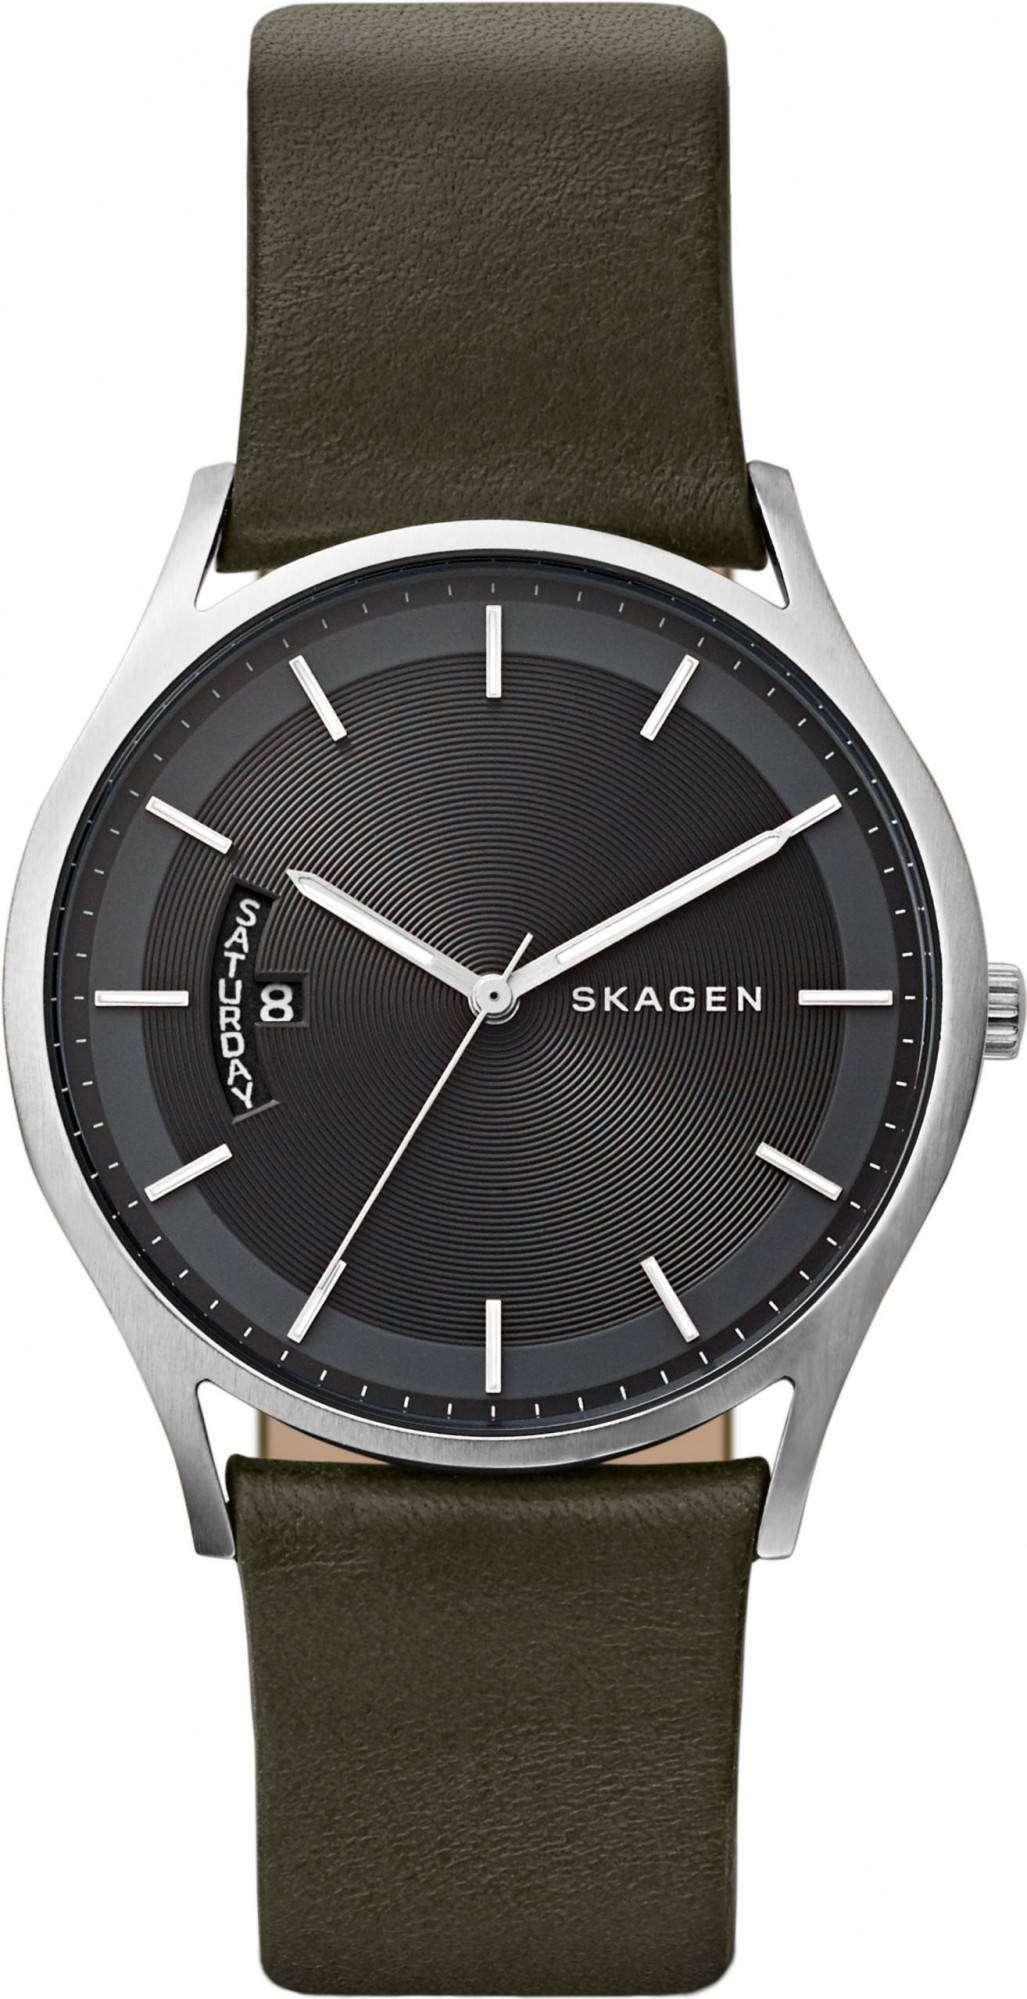 スカーゲン ホルスト アナログ クオーツ SKW6394 メンズ腕時計